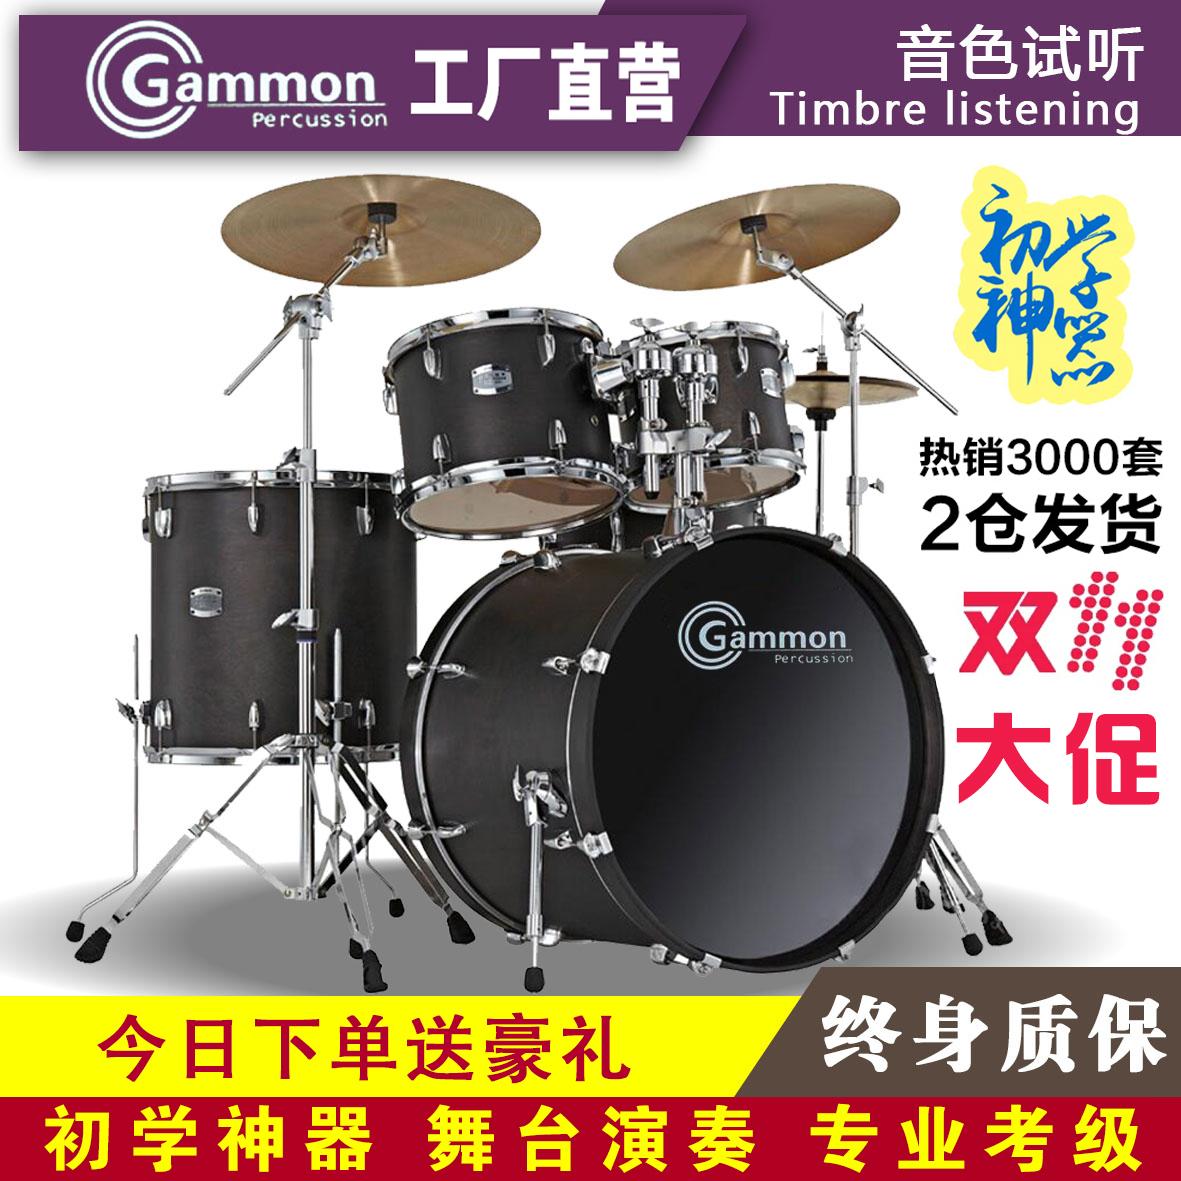 Gammon полка барабан для взрослых ребенок специальность сэр барабан новичок домой начиная обучение поезд барабан отправить пакет